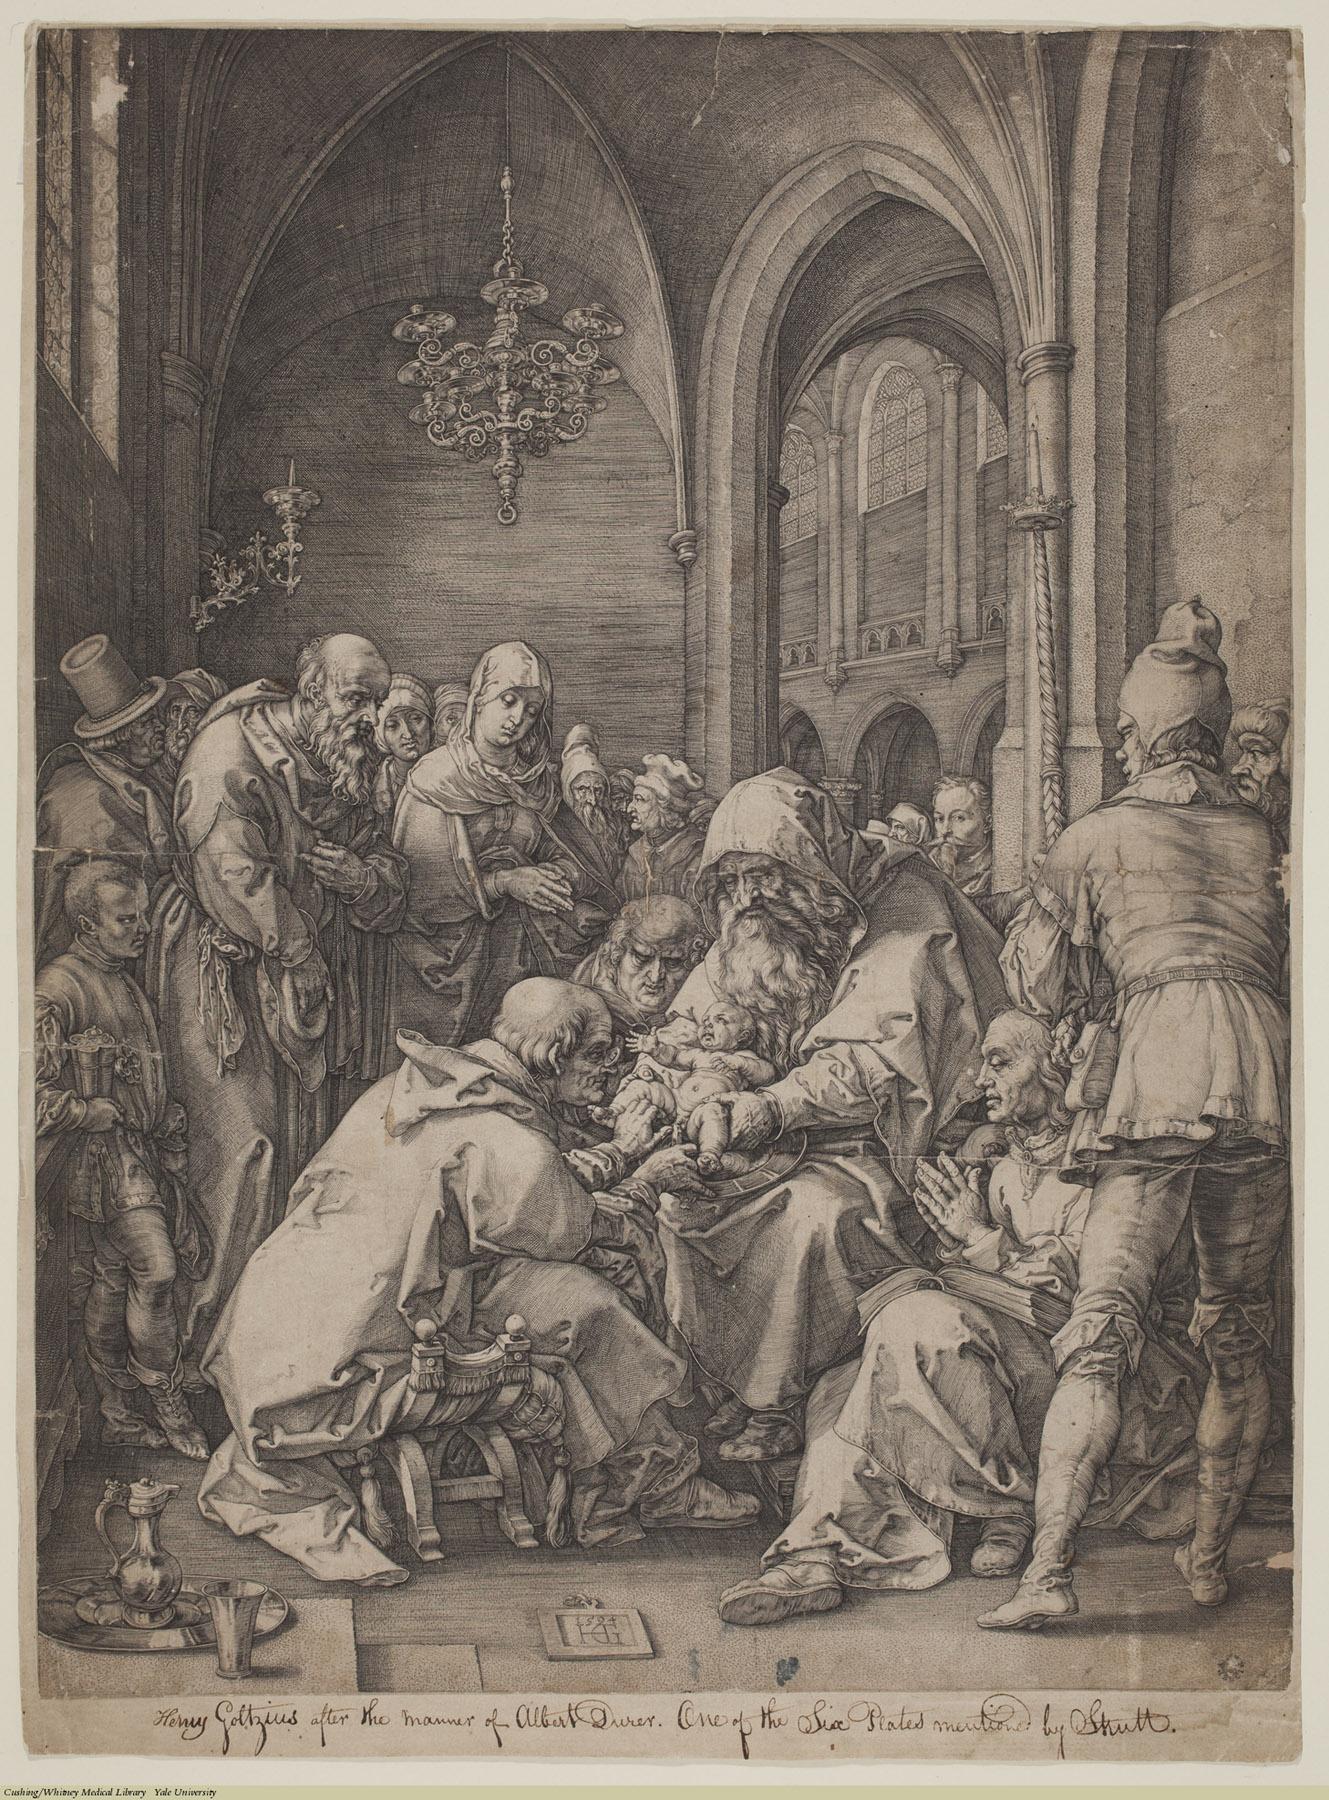 Circumcision. Hendrick Goltzius, Engraving, 1594. Subject: Circumcision, Religion.